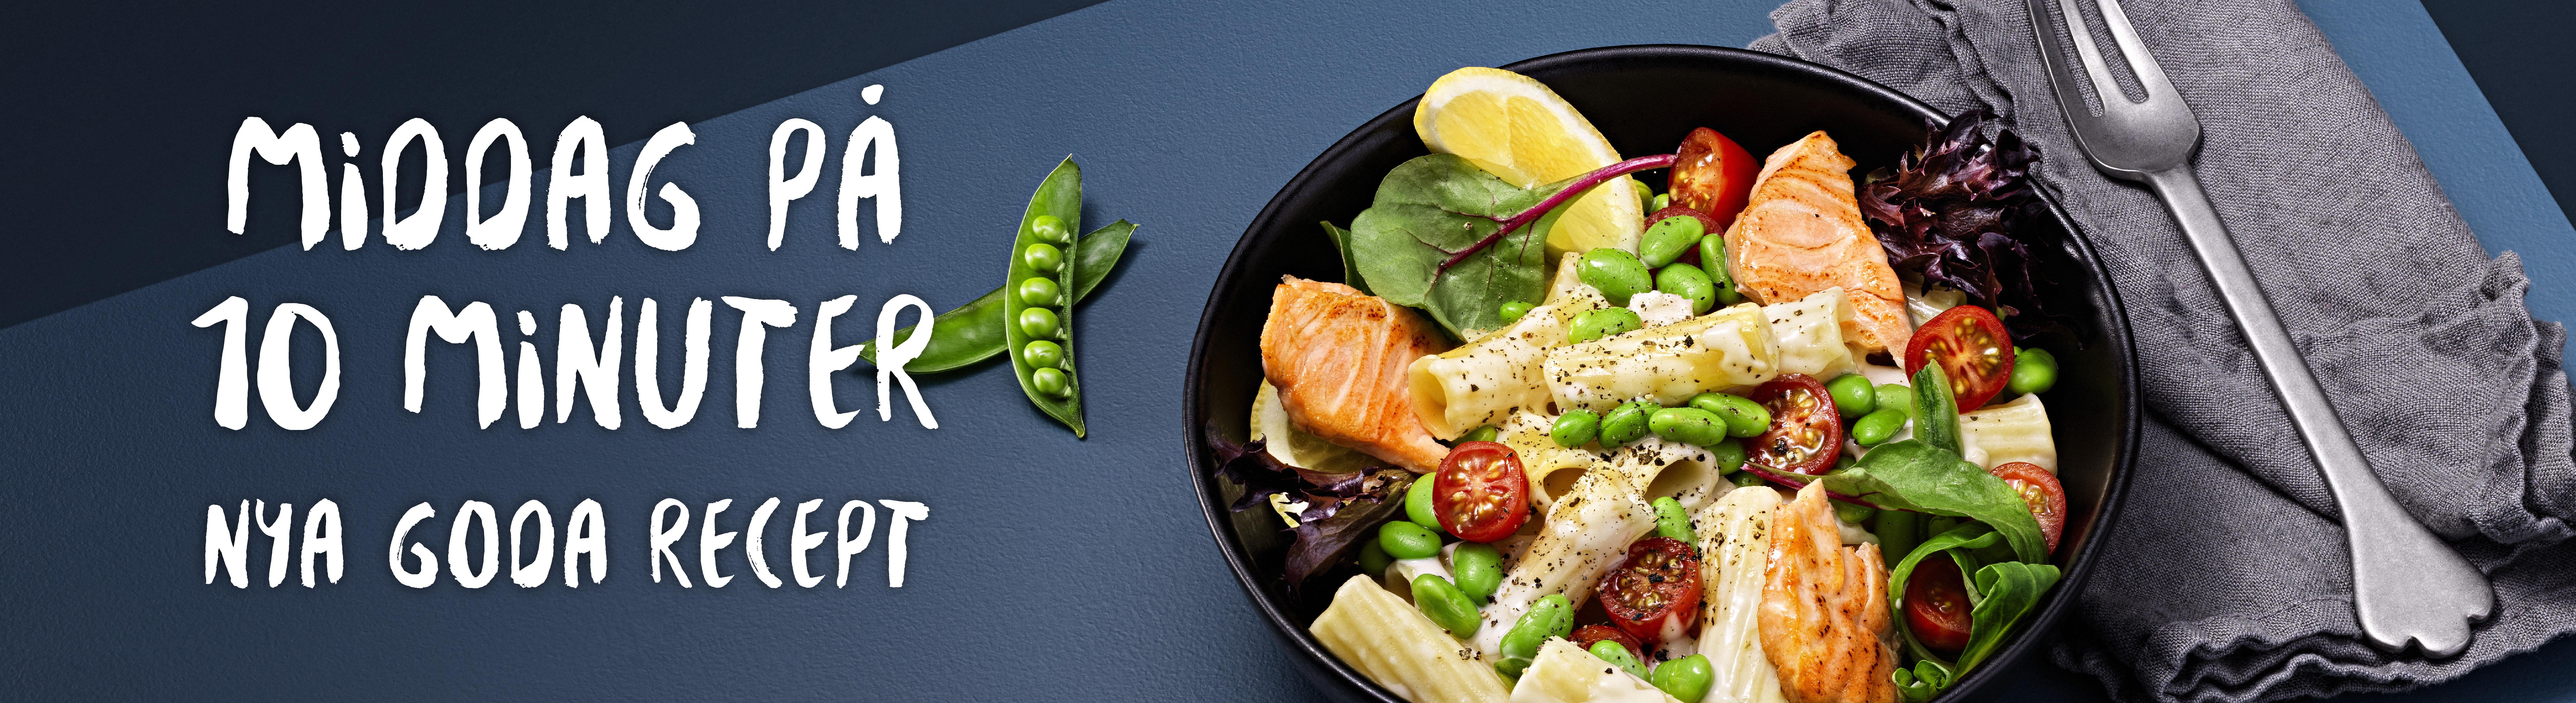 Middag på 10 minuter - Nya goda recept - bild på laxpasta